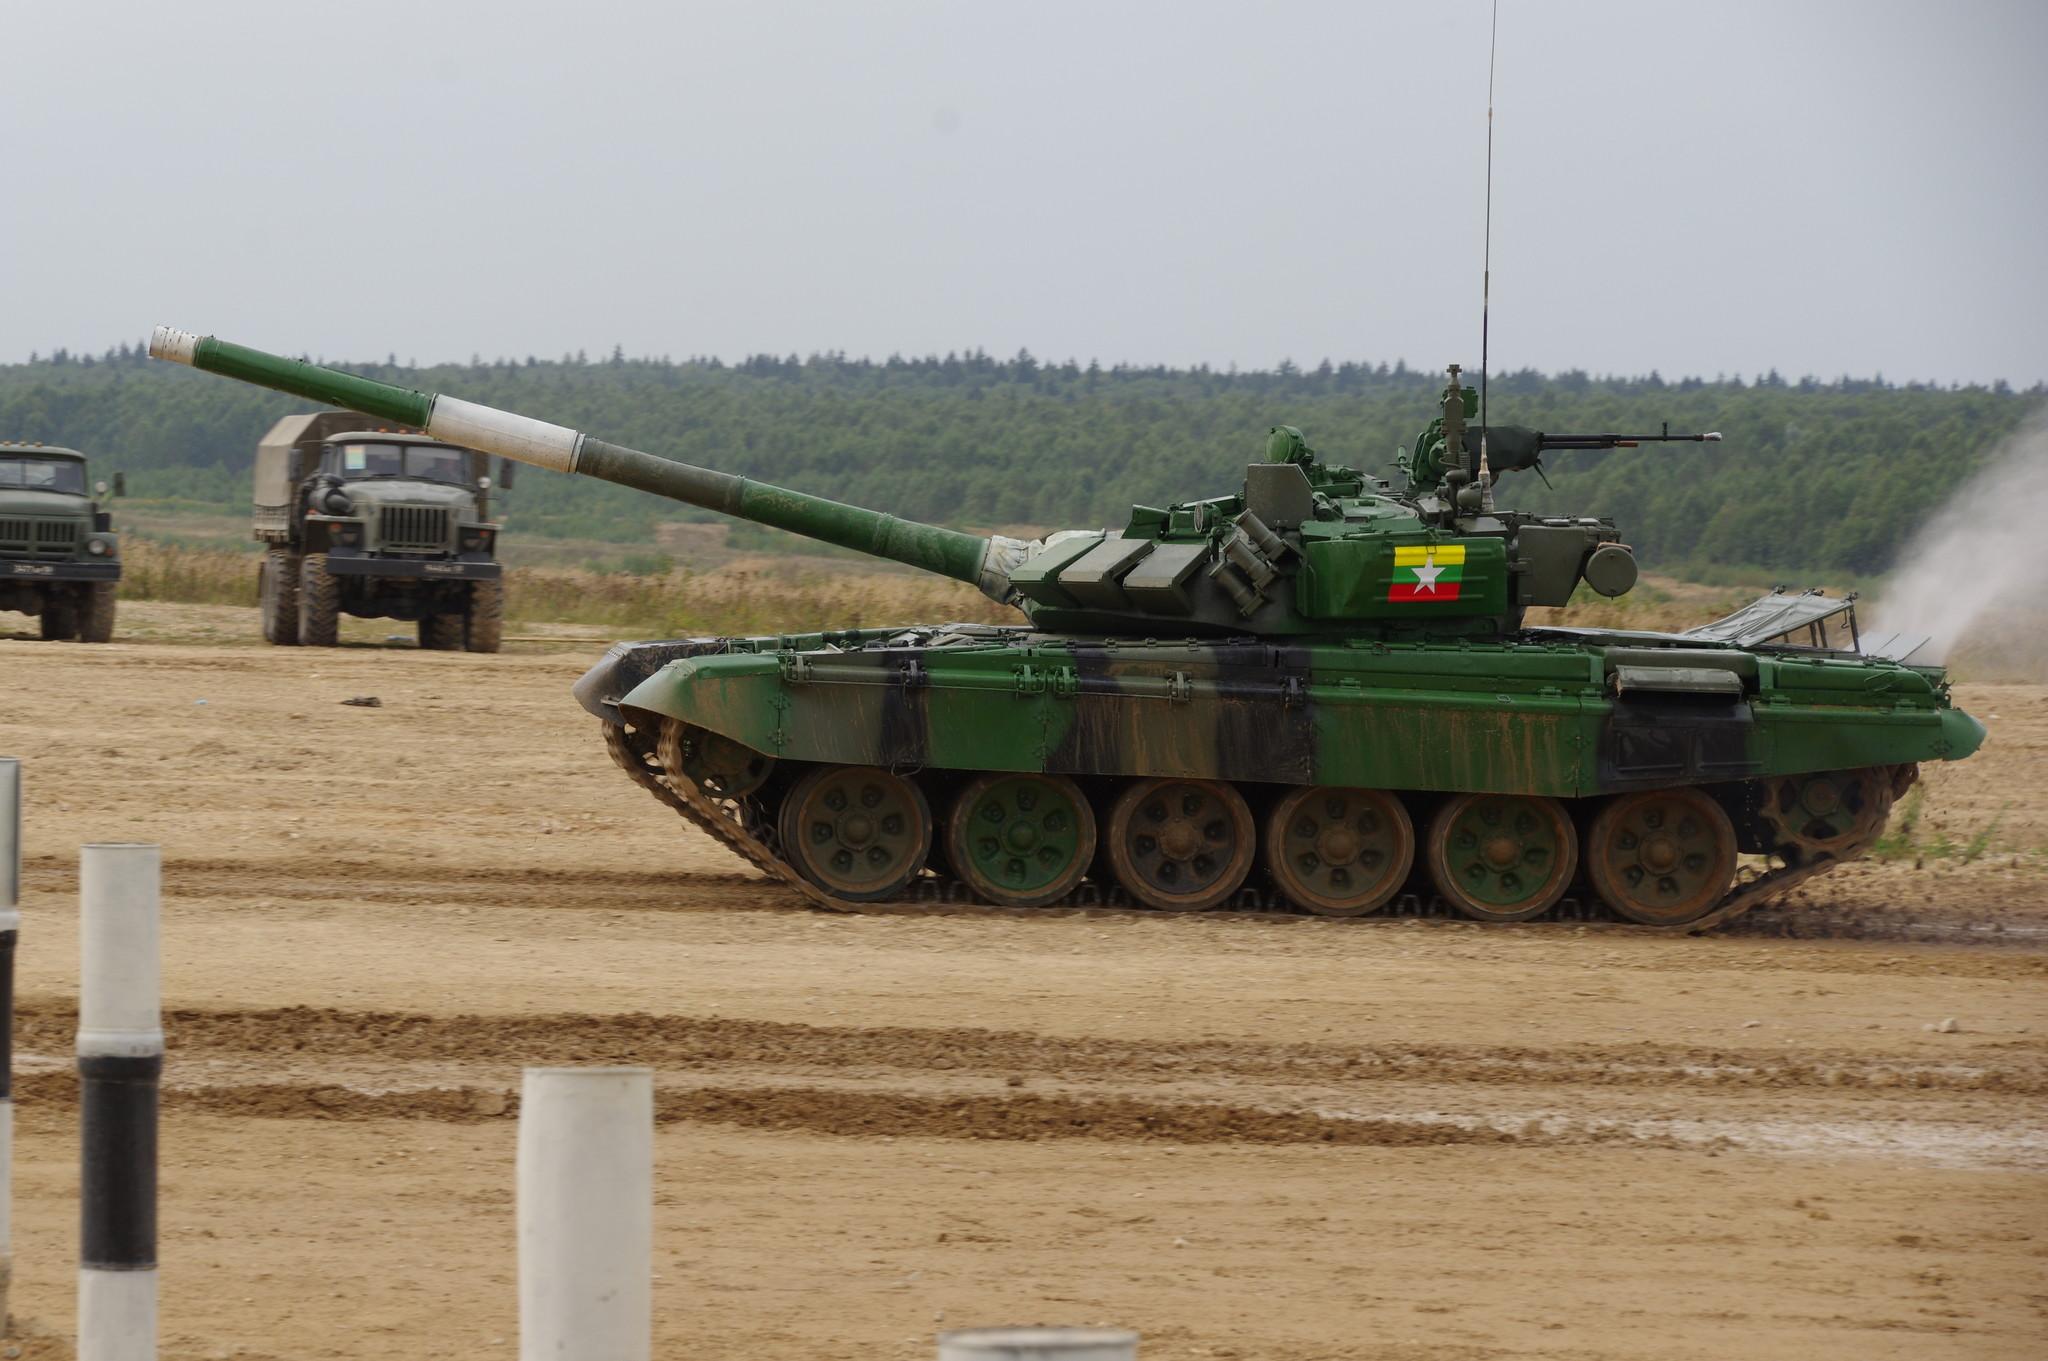 В заезде участвует экипаж из Мьянмы на танке Т-72Б3. Танковый биатлон в рамках Армейских международных игр «АрМИ-2020» на полигоне Алабино